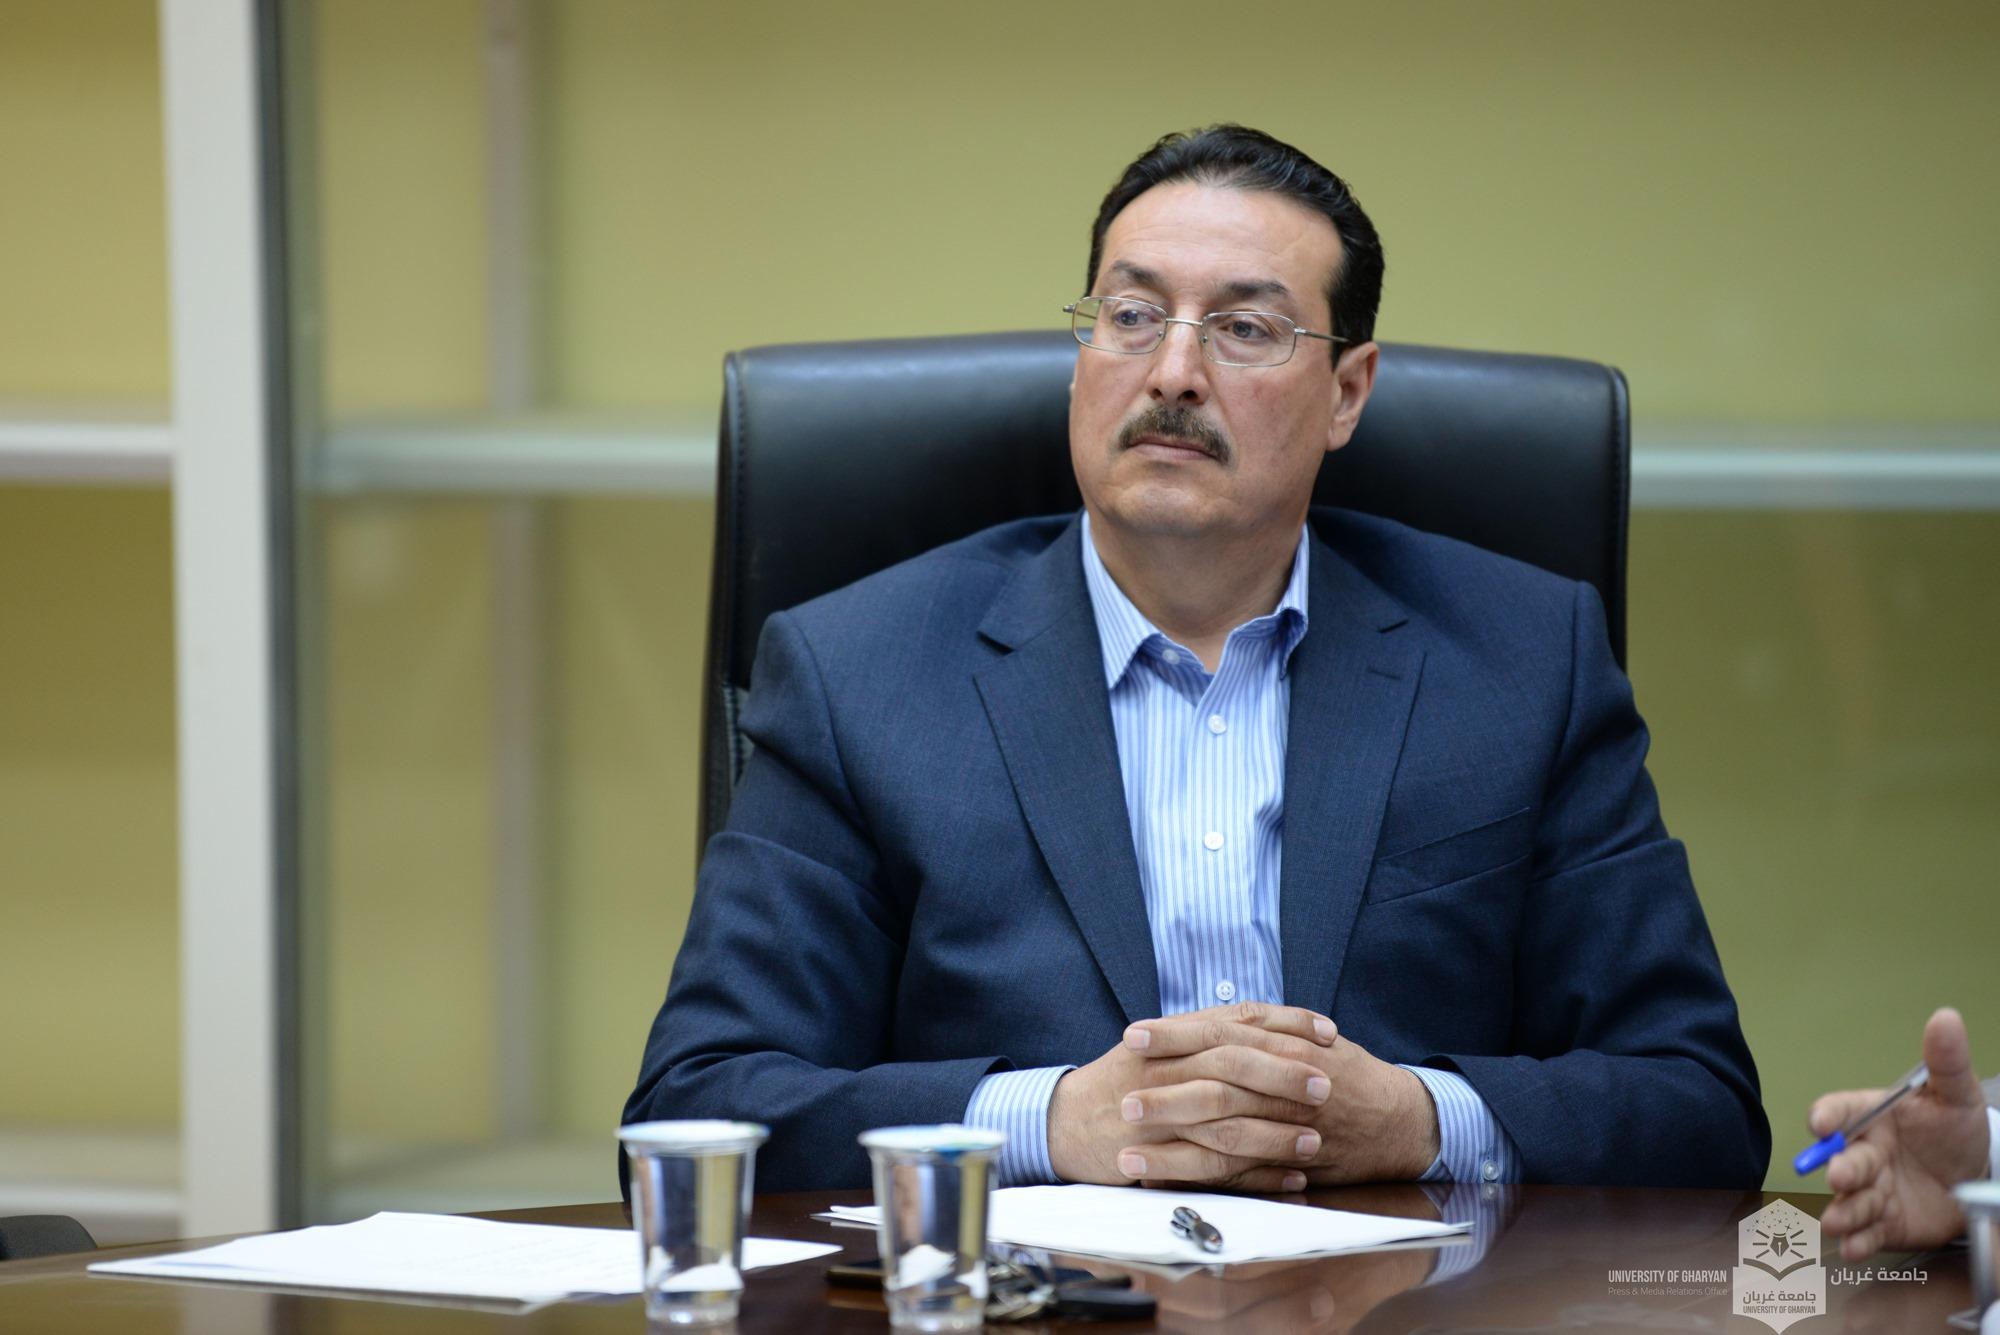 Dr. Shams Adeen Mohammed Ali